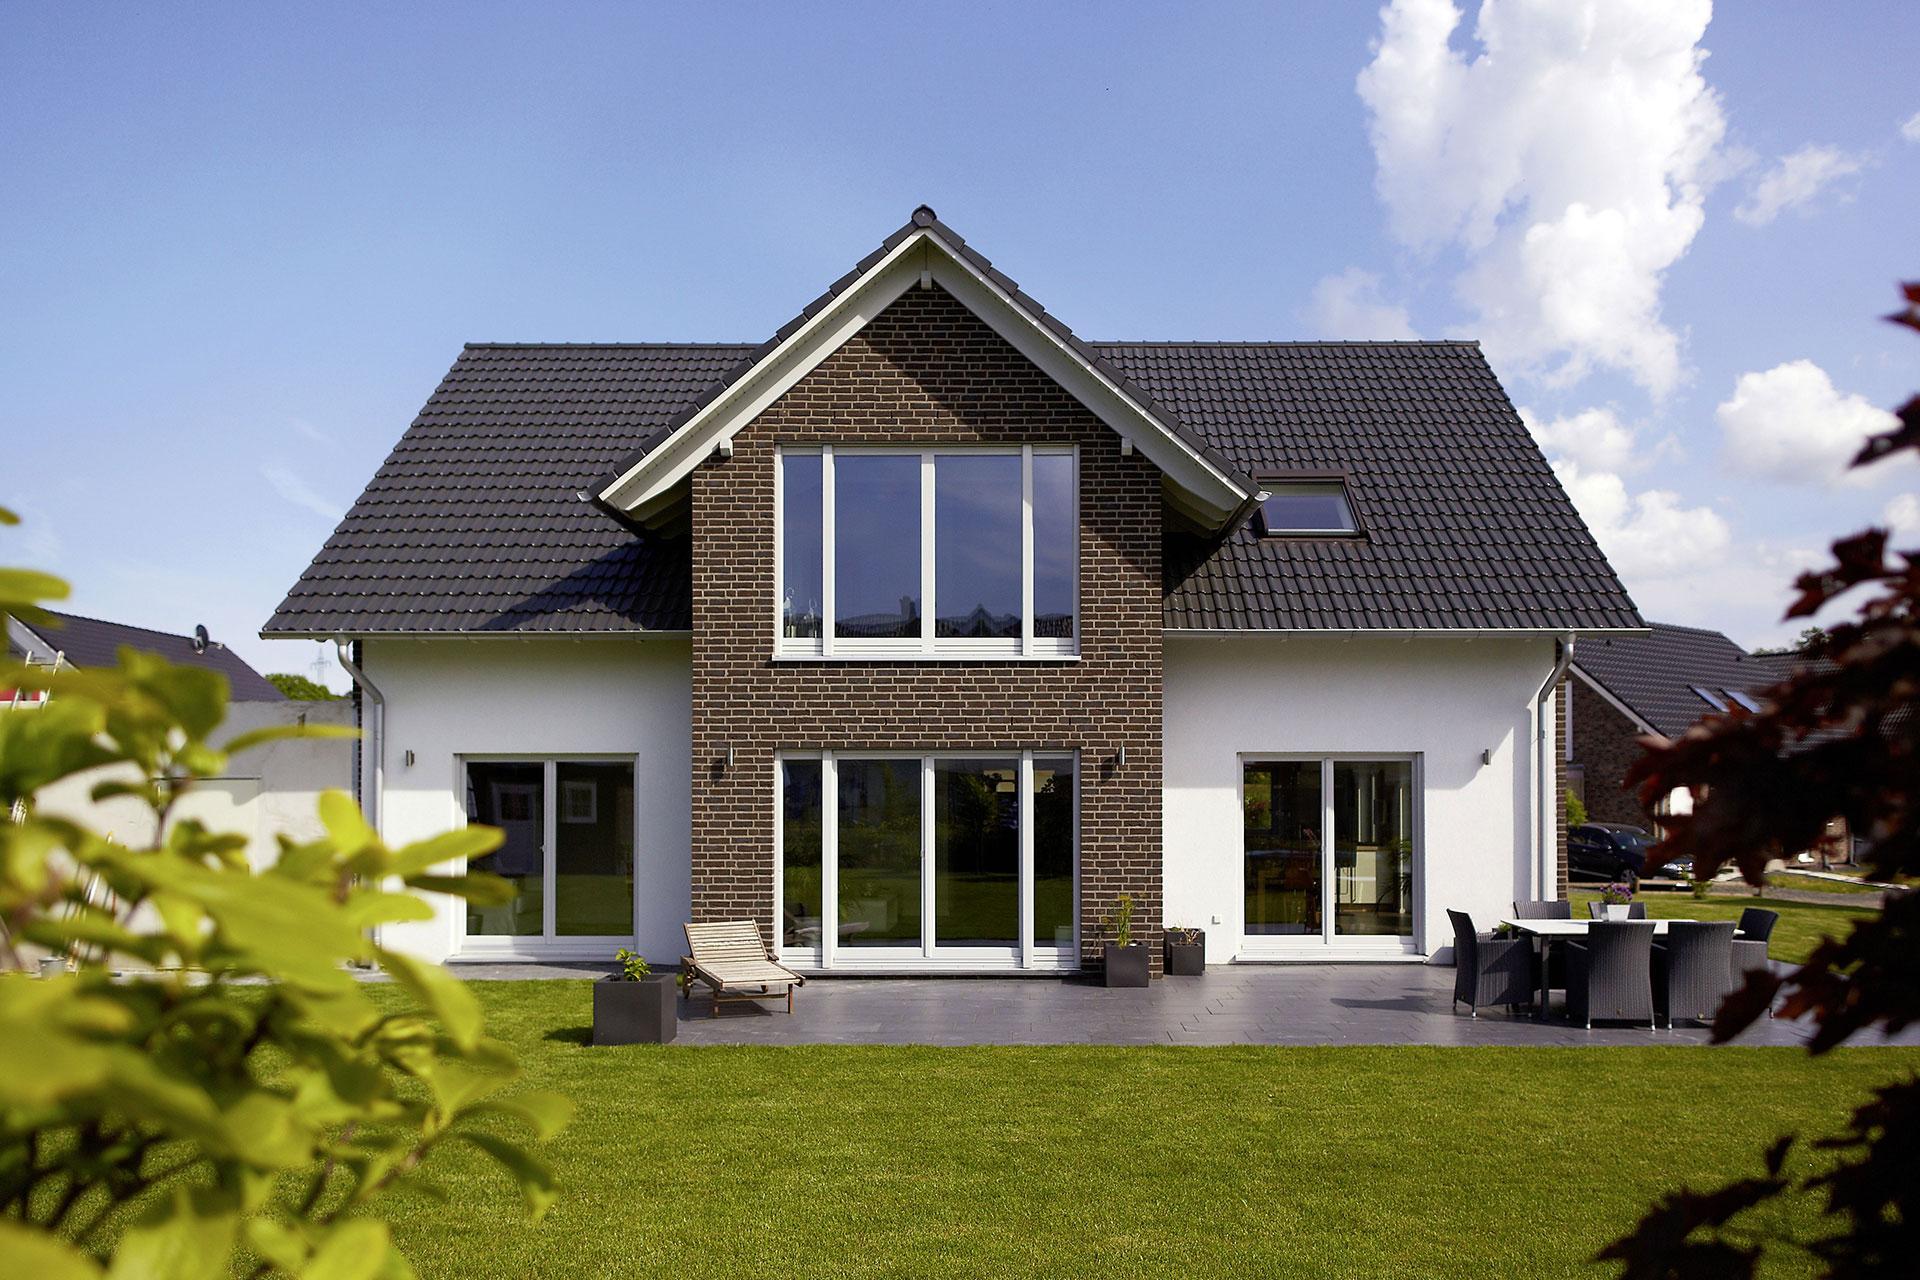 Energieeffizientes einfamilienhaus individuell geplant for Einfamilienhaus satteldach